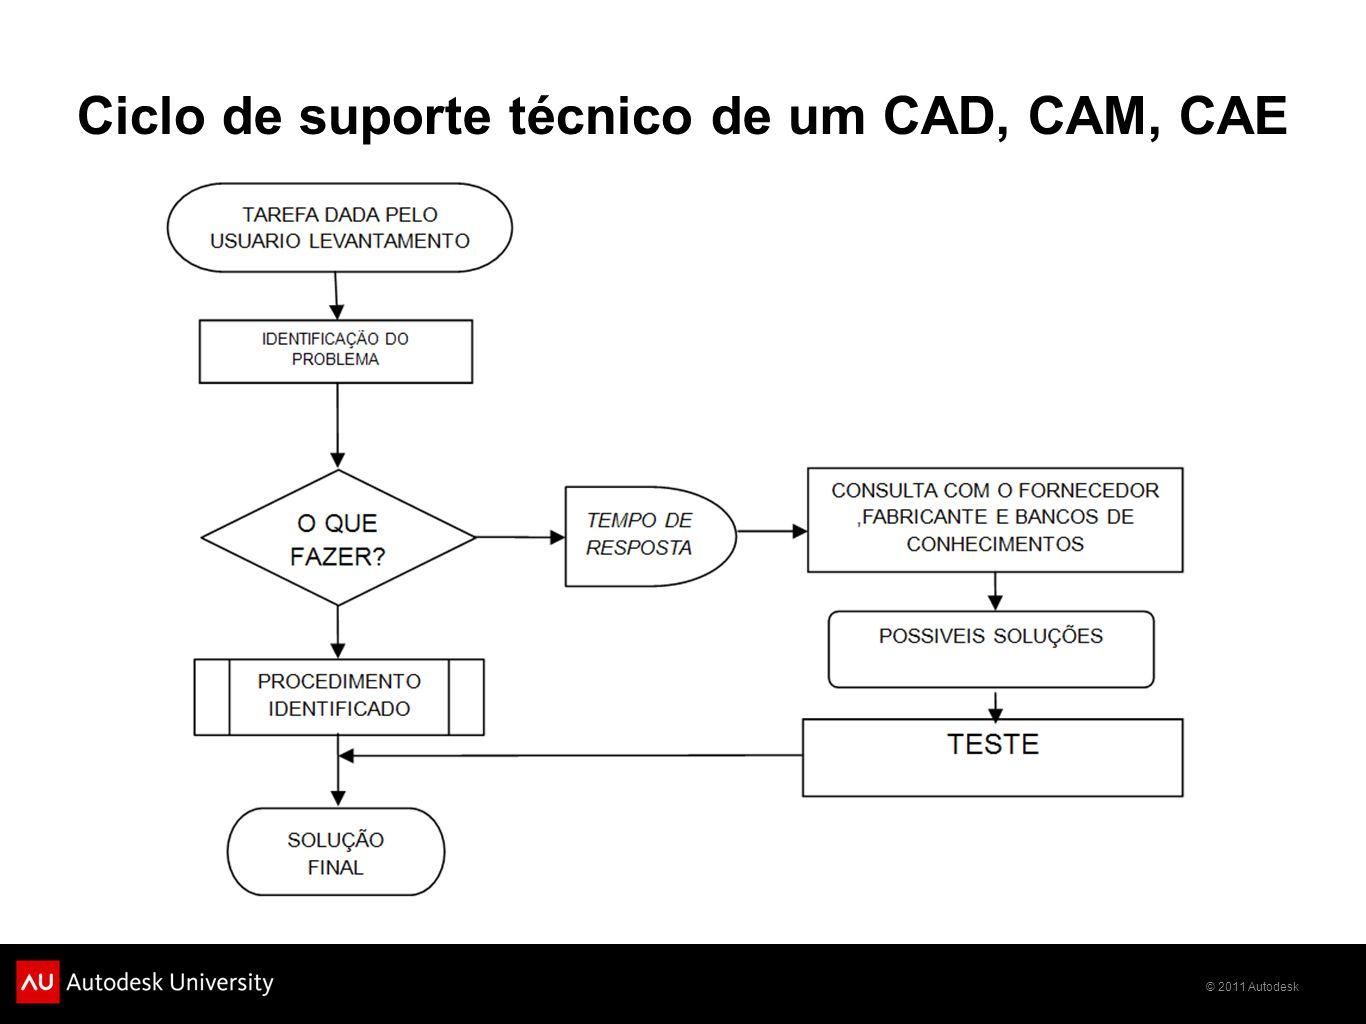 Ciclo de suporte técnico de um CAD, CAM, CAE